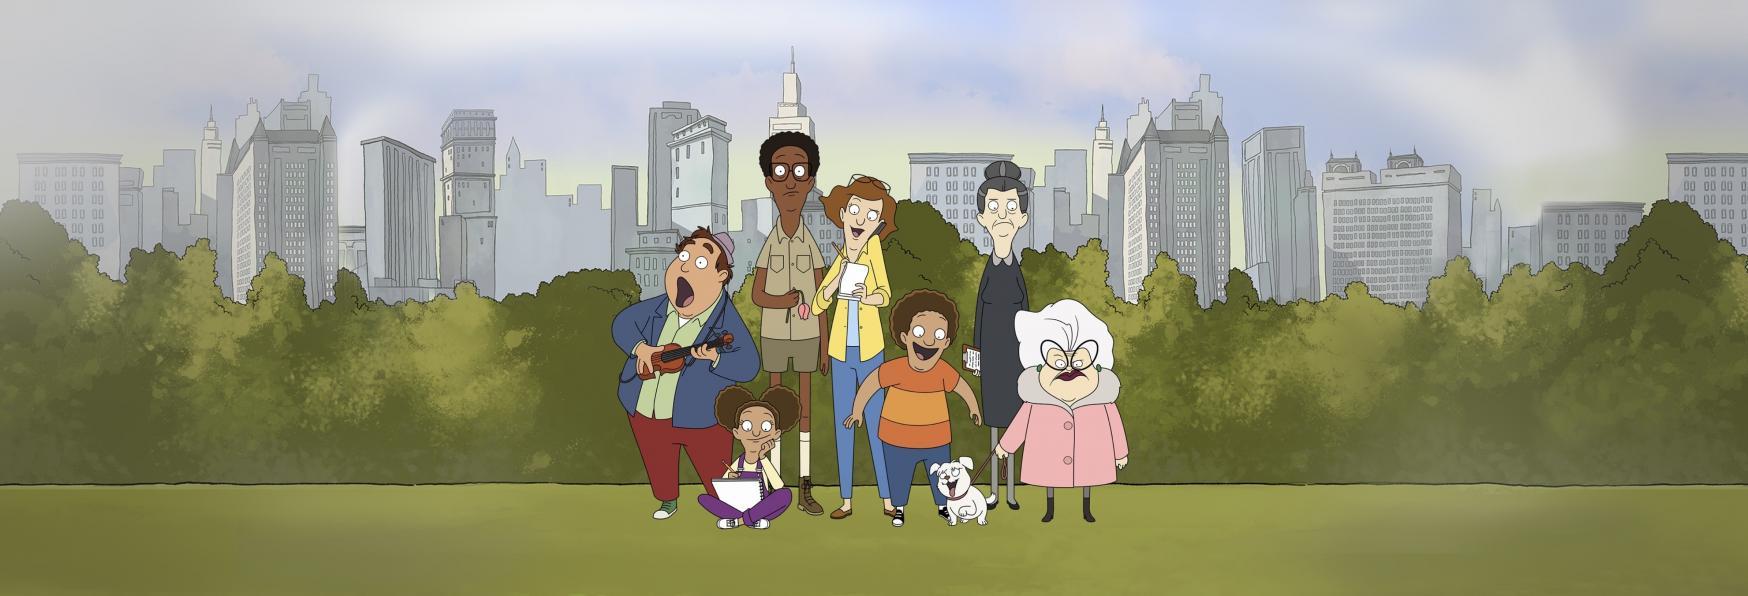 Central Park 2: Pubblicato il Trailer della nuova Stagione